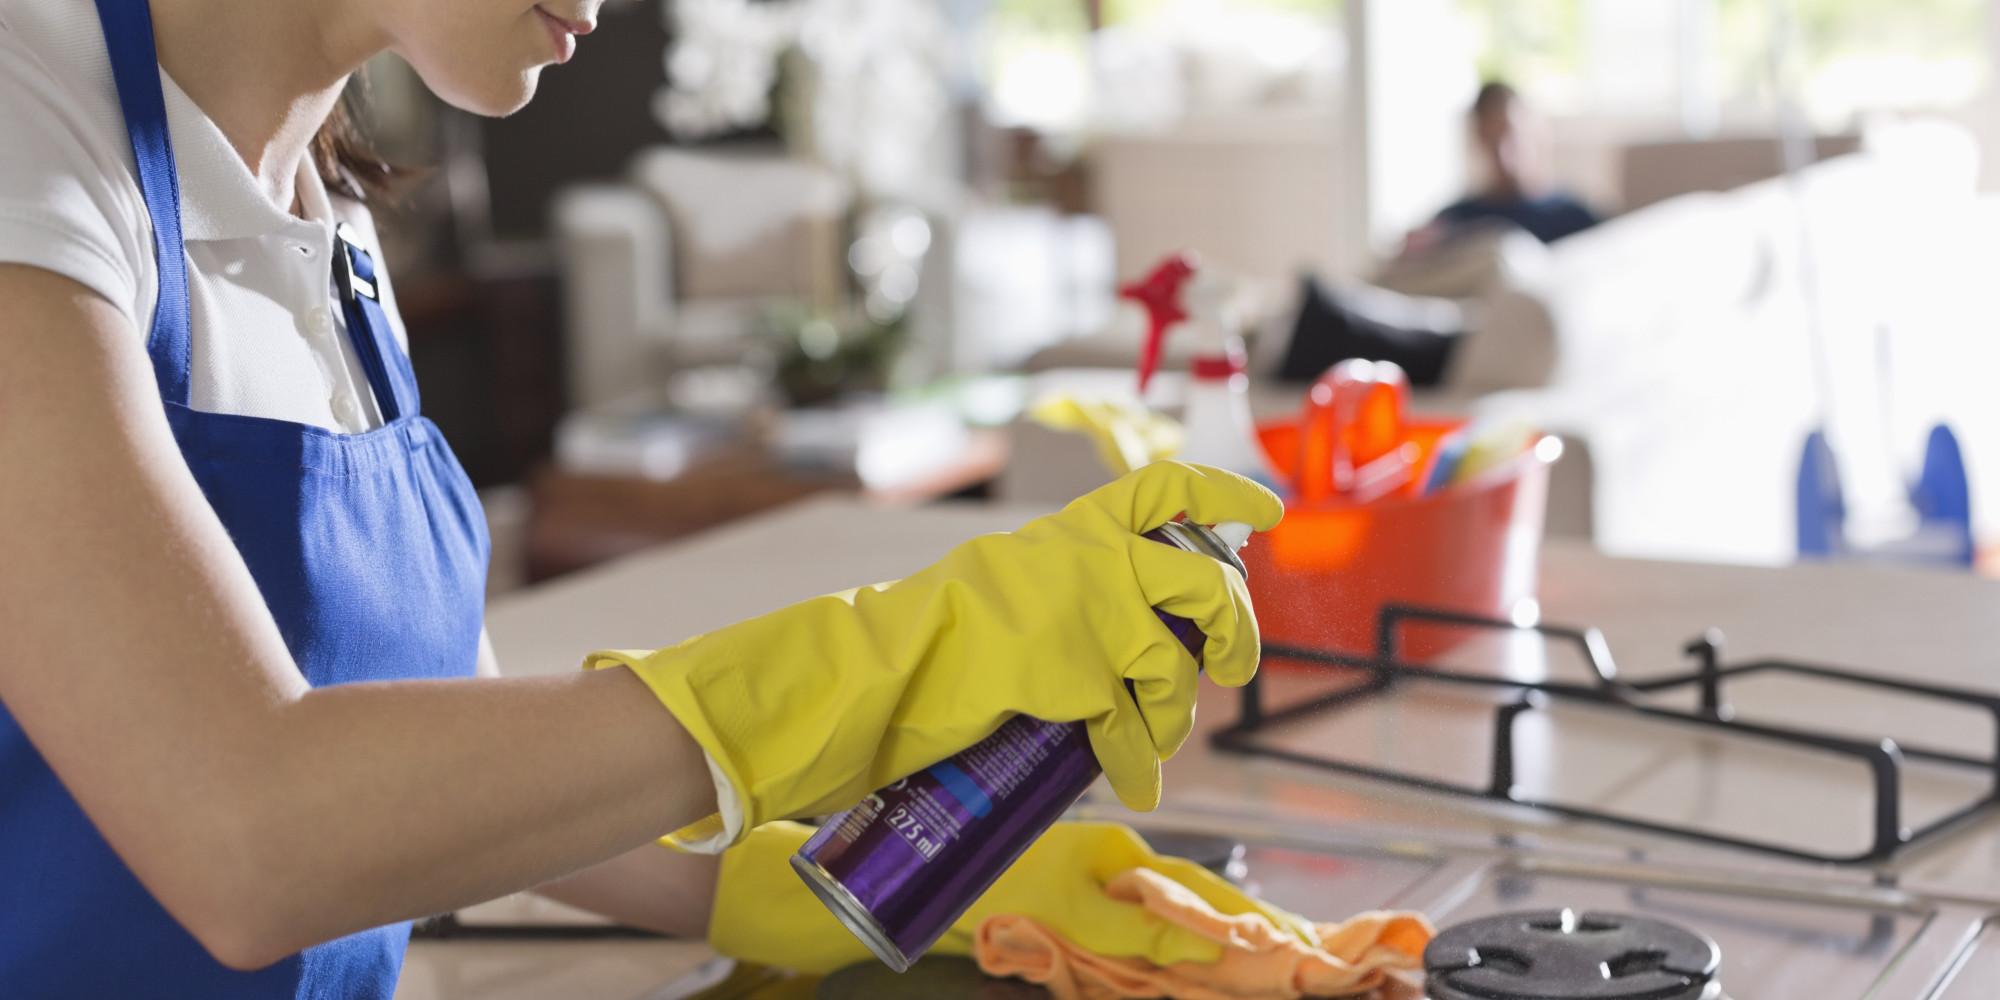 الصفرات لتنظيف الفلل بالرياض 0563238725 Kitchen